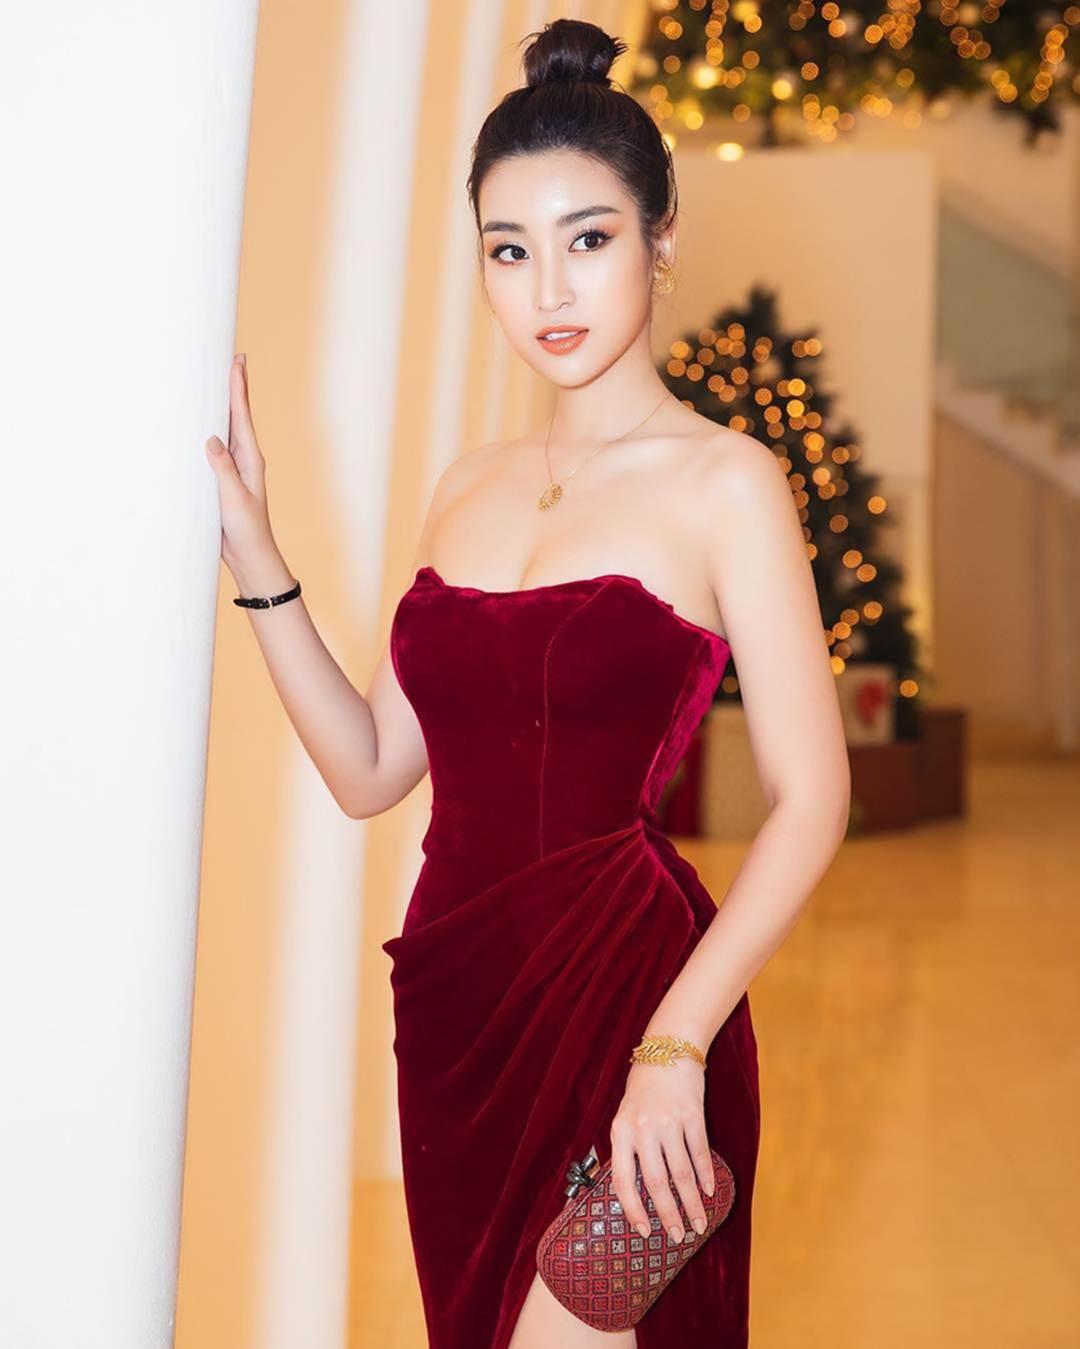 Hoa hậu Đỗ Mỹ Linh gợi cảm hơn sau khi kết thúc nhiệm kỳ-2